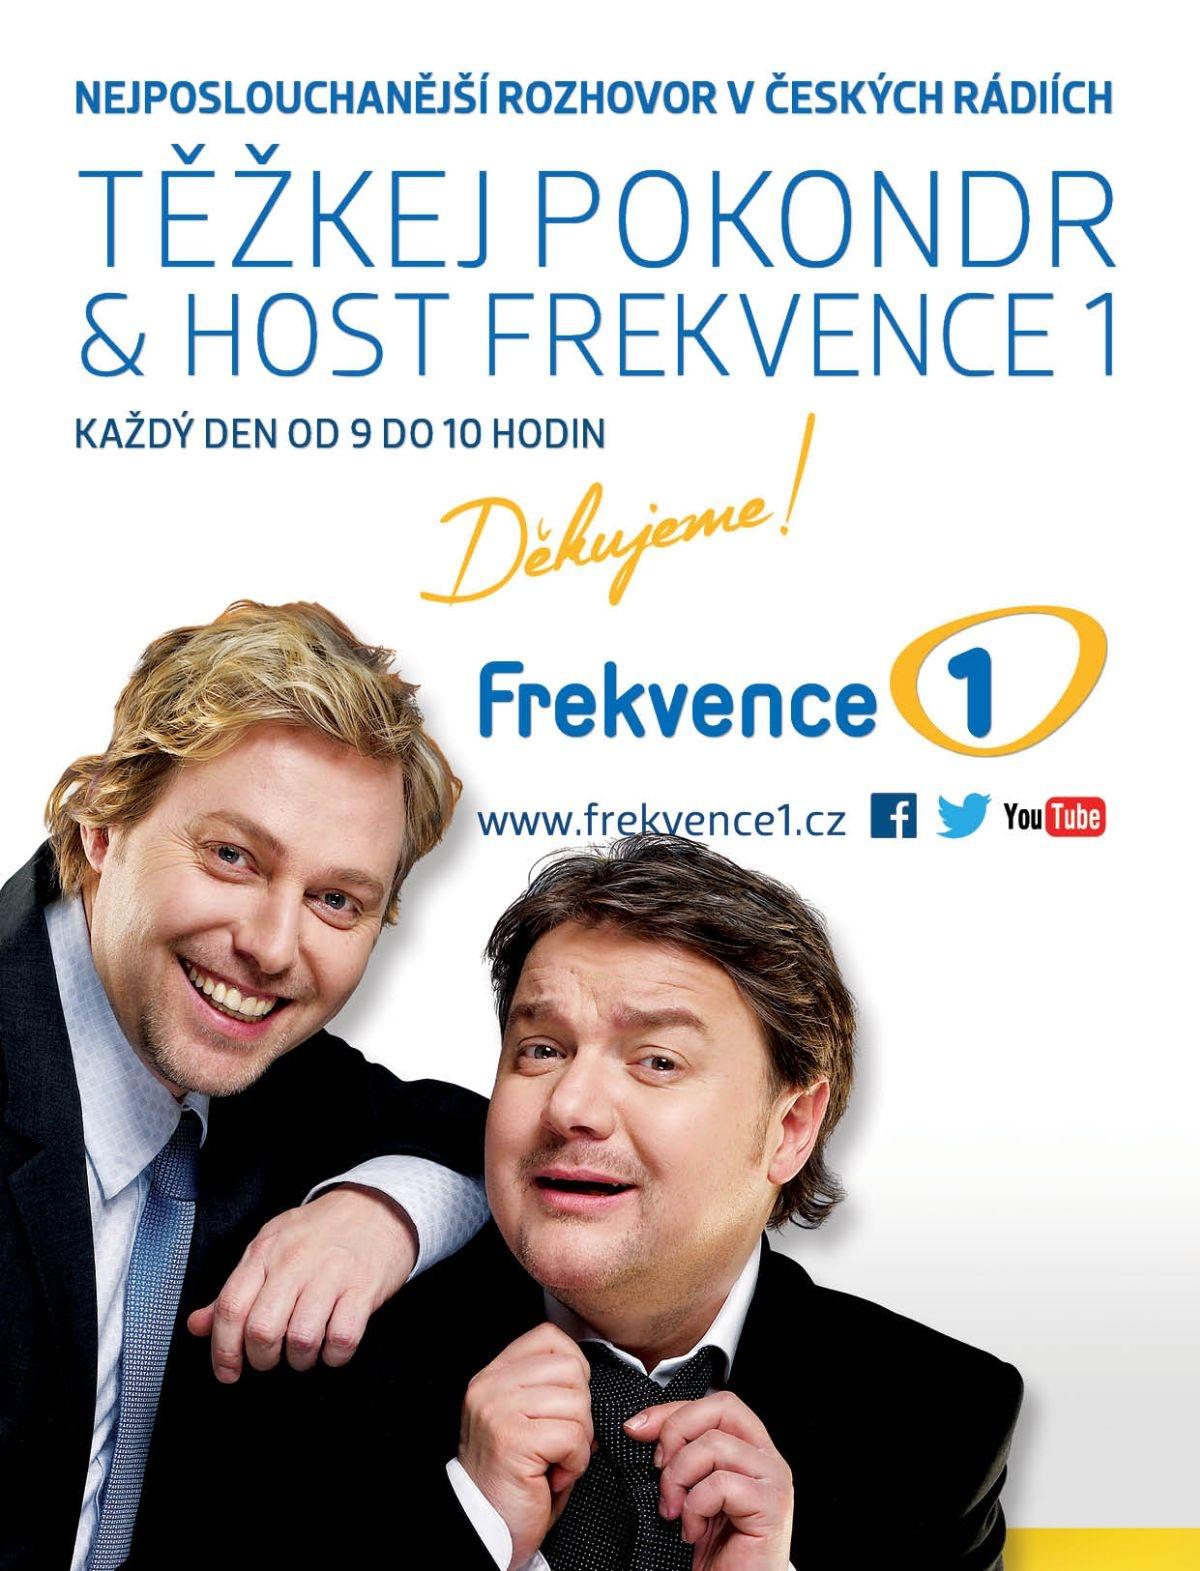 Těžkej Pokondr & host Frekvence 1